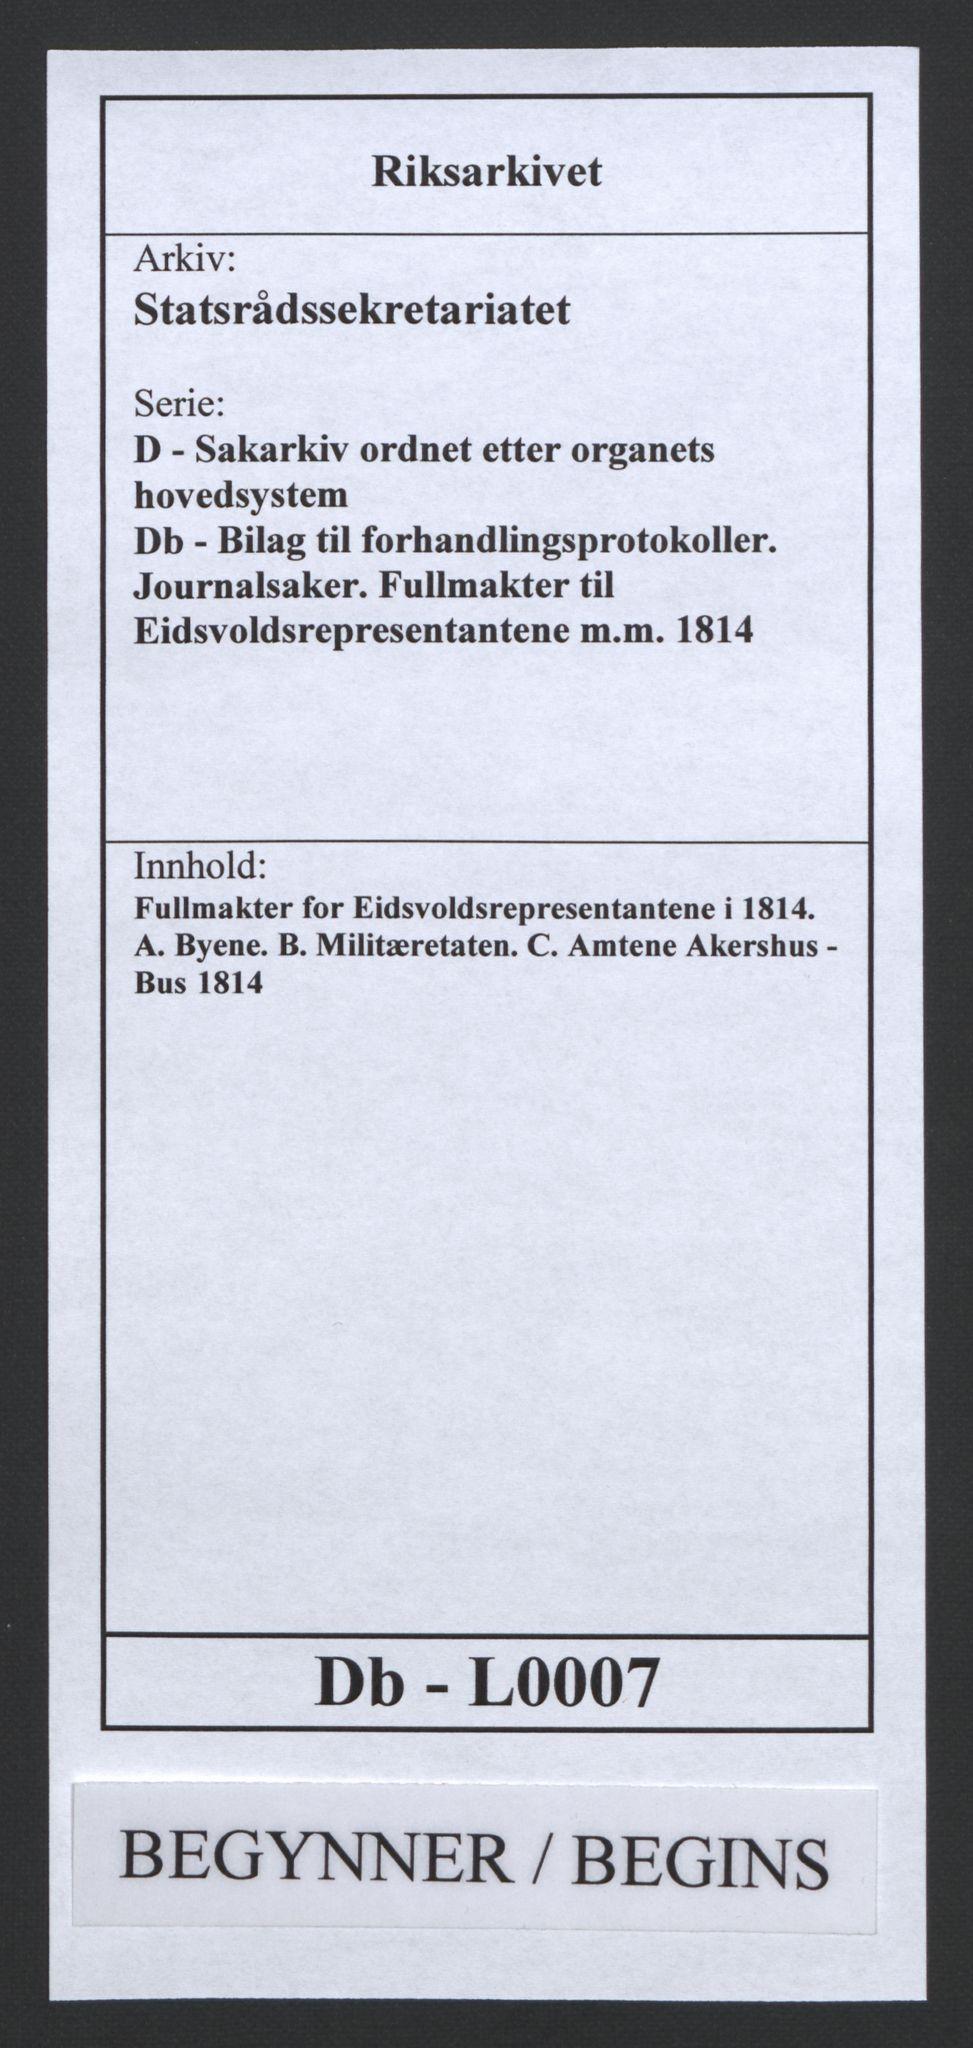 RA, Statsrådssekretariatet, D/Db/L0007: Fullmakter for Eidsvollsrepresentantene i 1814. , 1814, p. 1